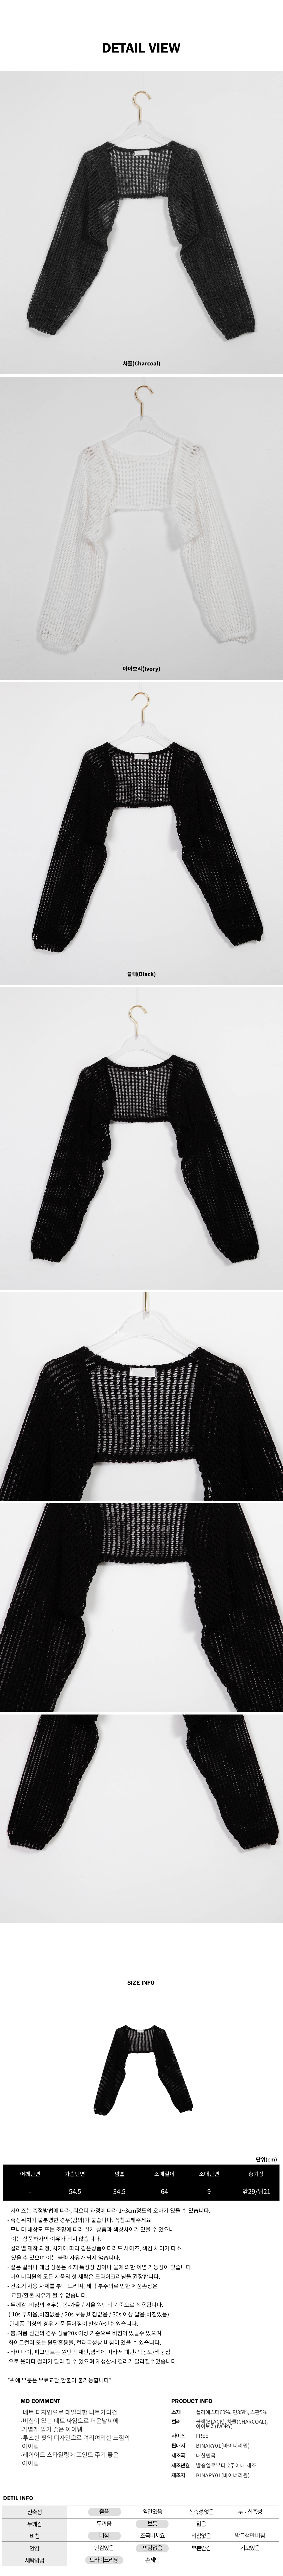 Knitwear Cardigan in Crop Key